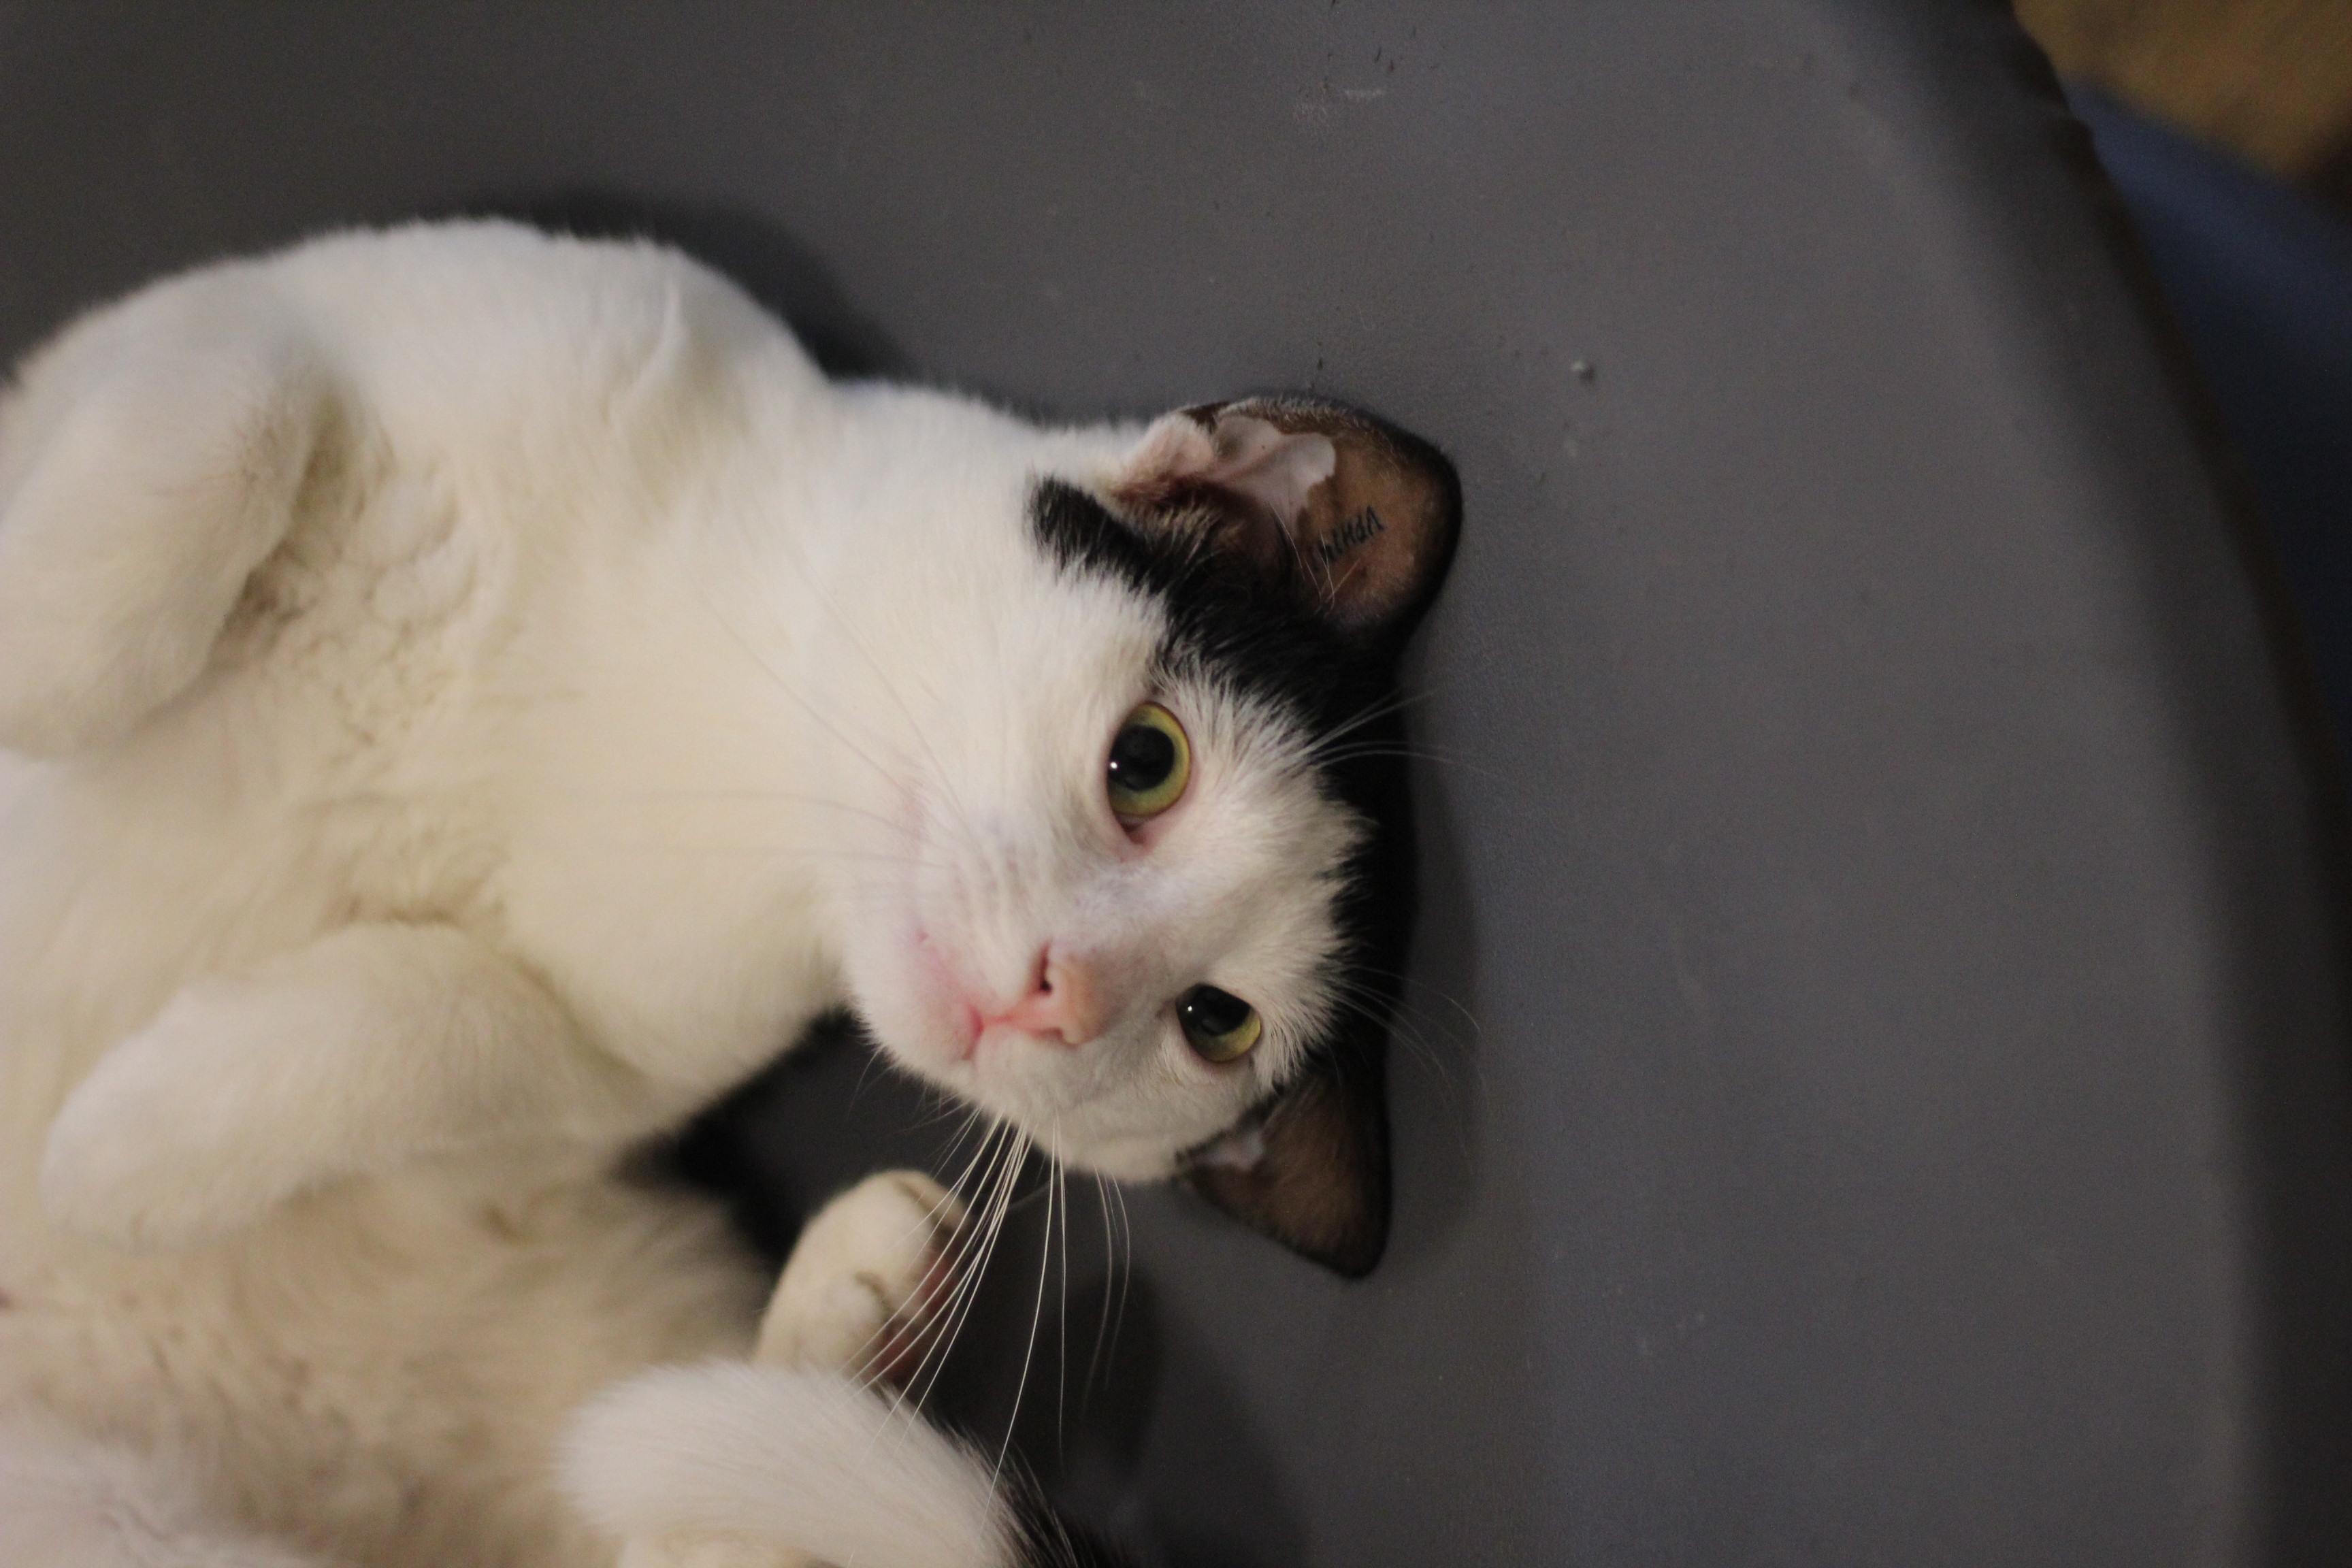 Milo er verdens mest kælne kat - sagde pigerne ved dyrlægerne da vi hentede ham efter kastration. han er bare den bedste - han kan lide andre katte og elsker selskab. ca 1 år.